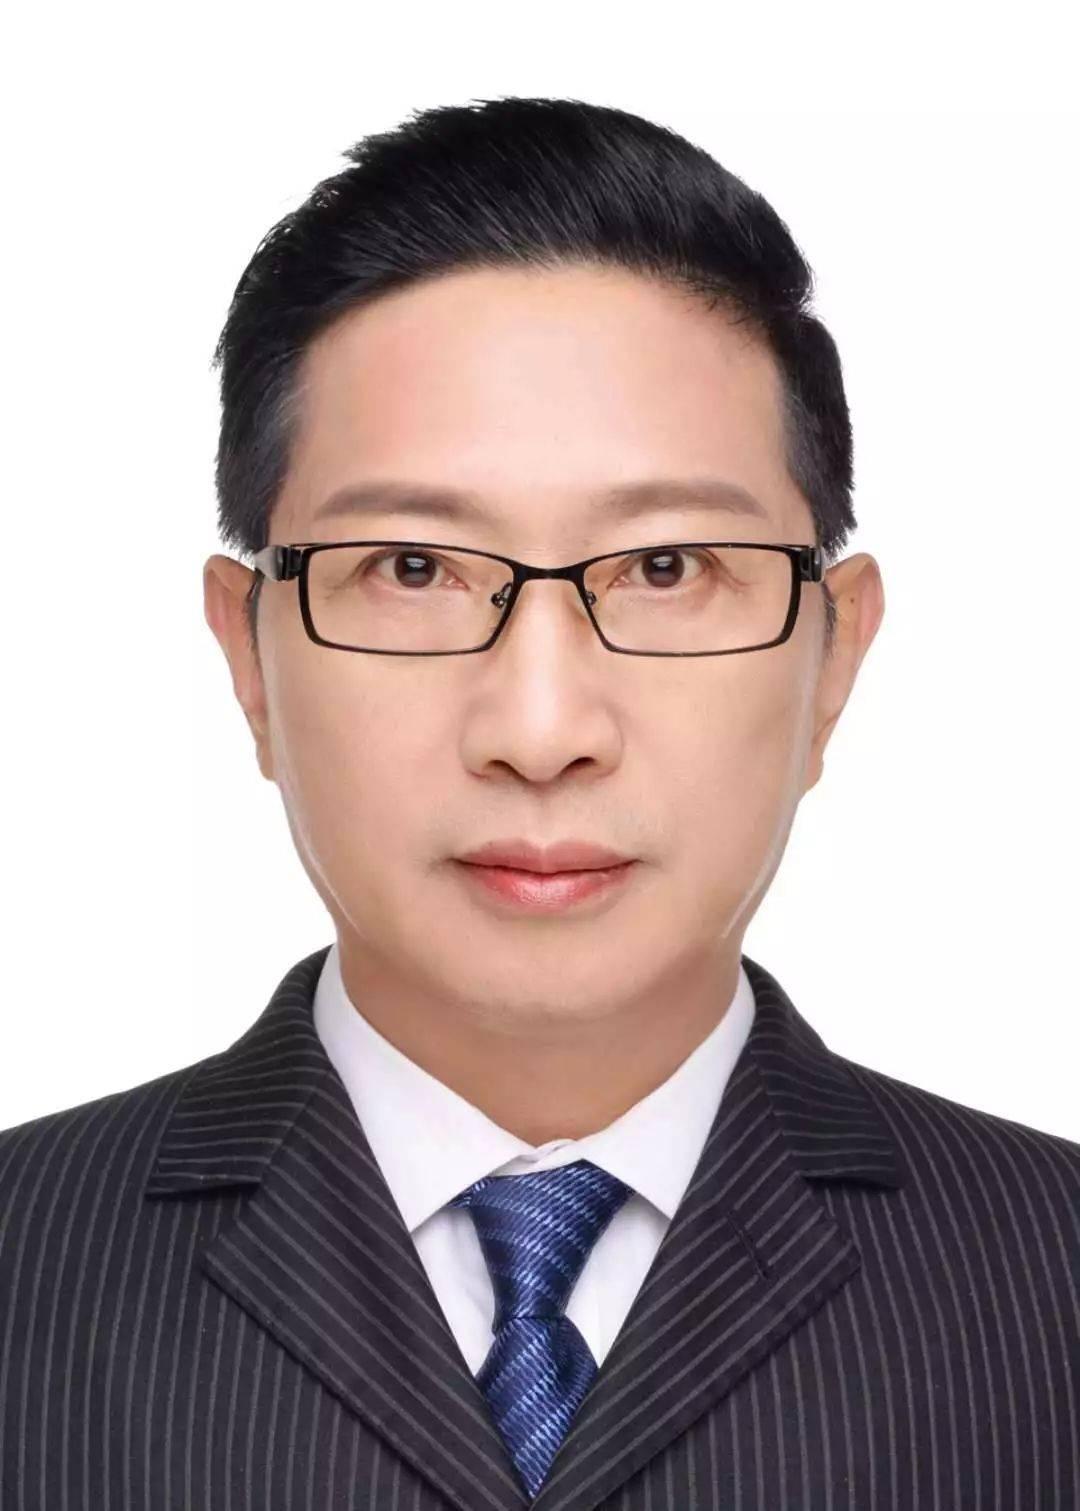 江苏昆山浮现8位富翁,胡润百富榜占4席?80岁A股董事长抢眼